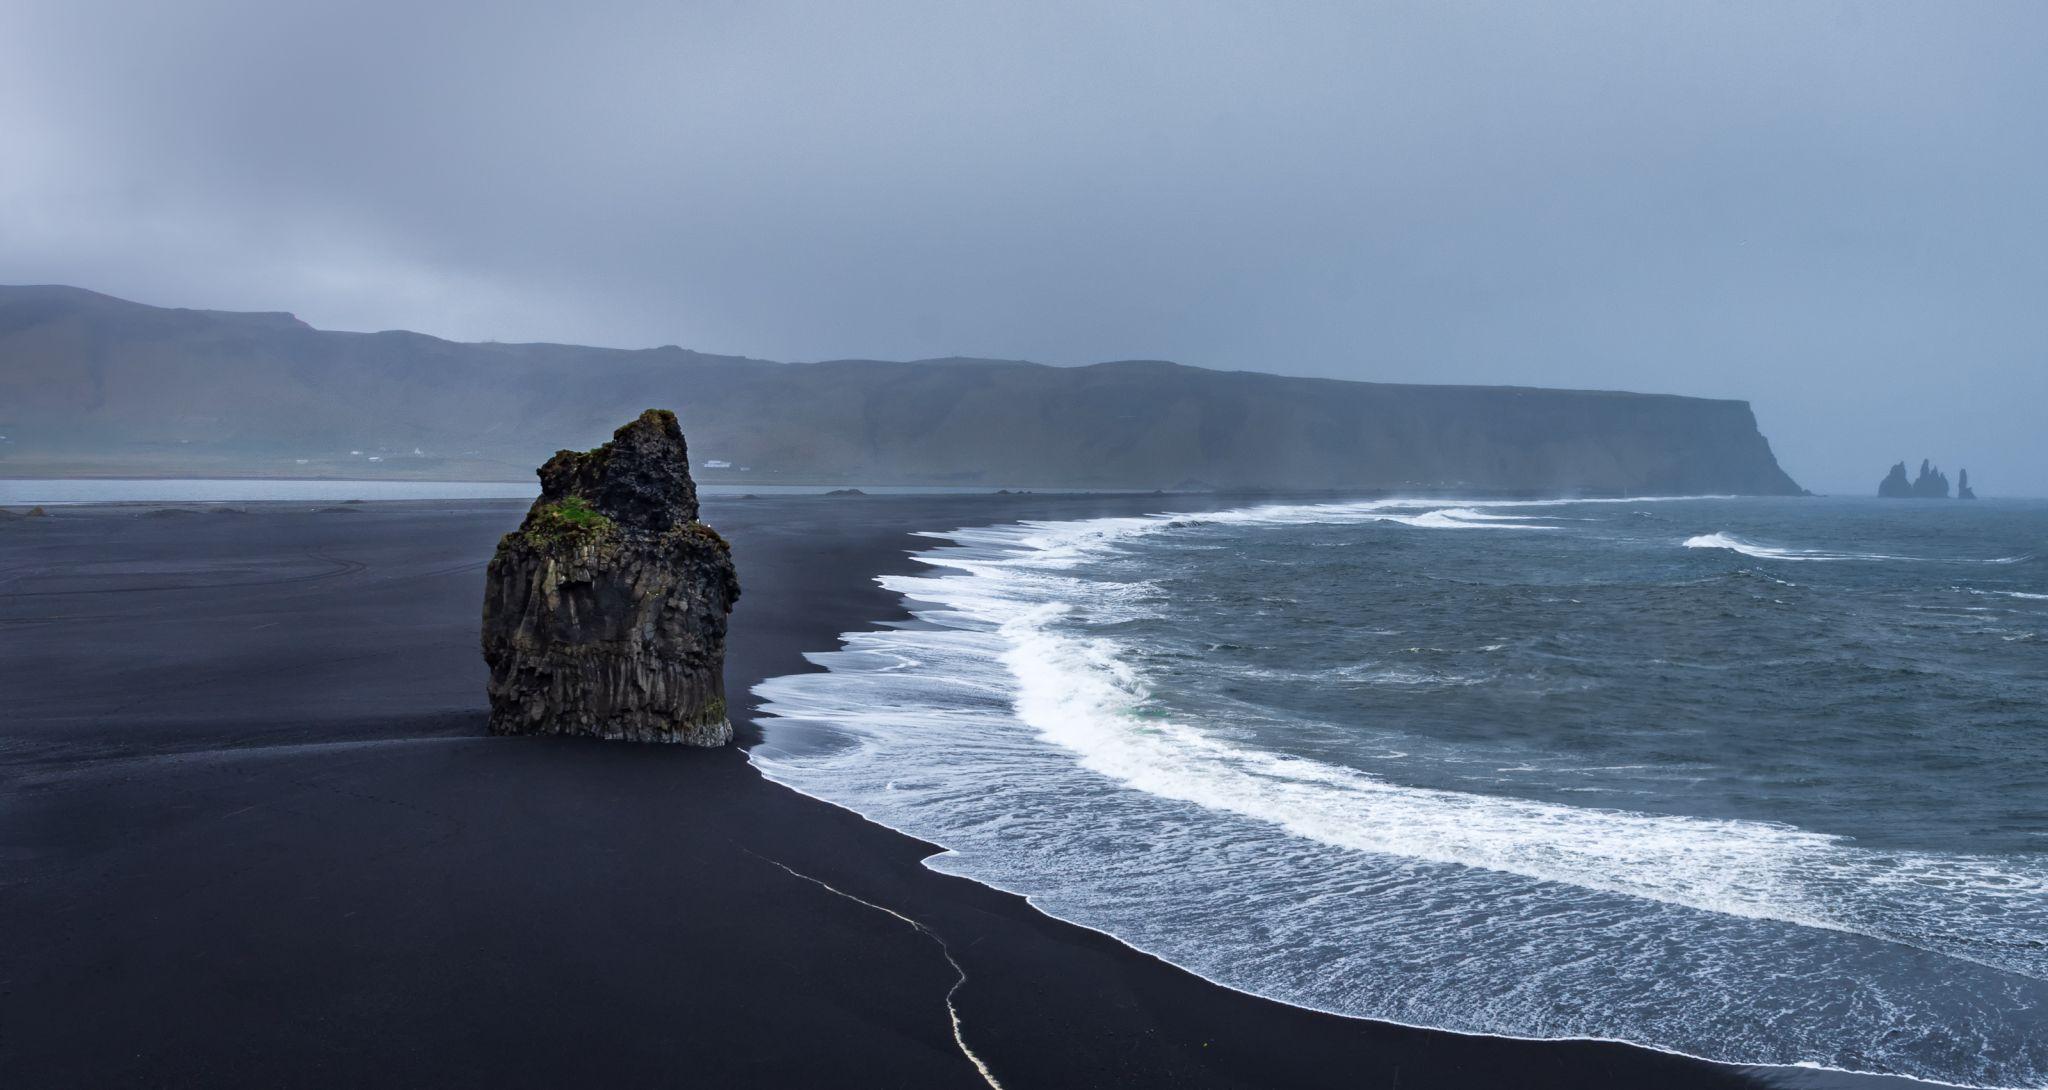 Rfeynisfjara, Iceland